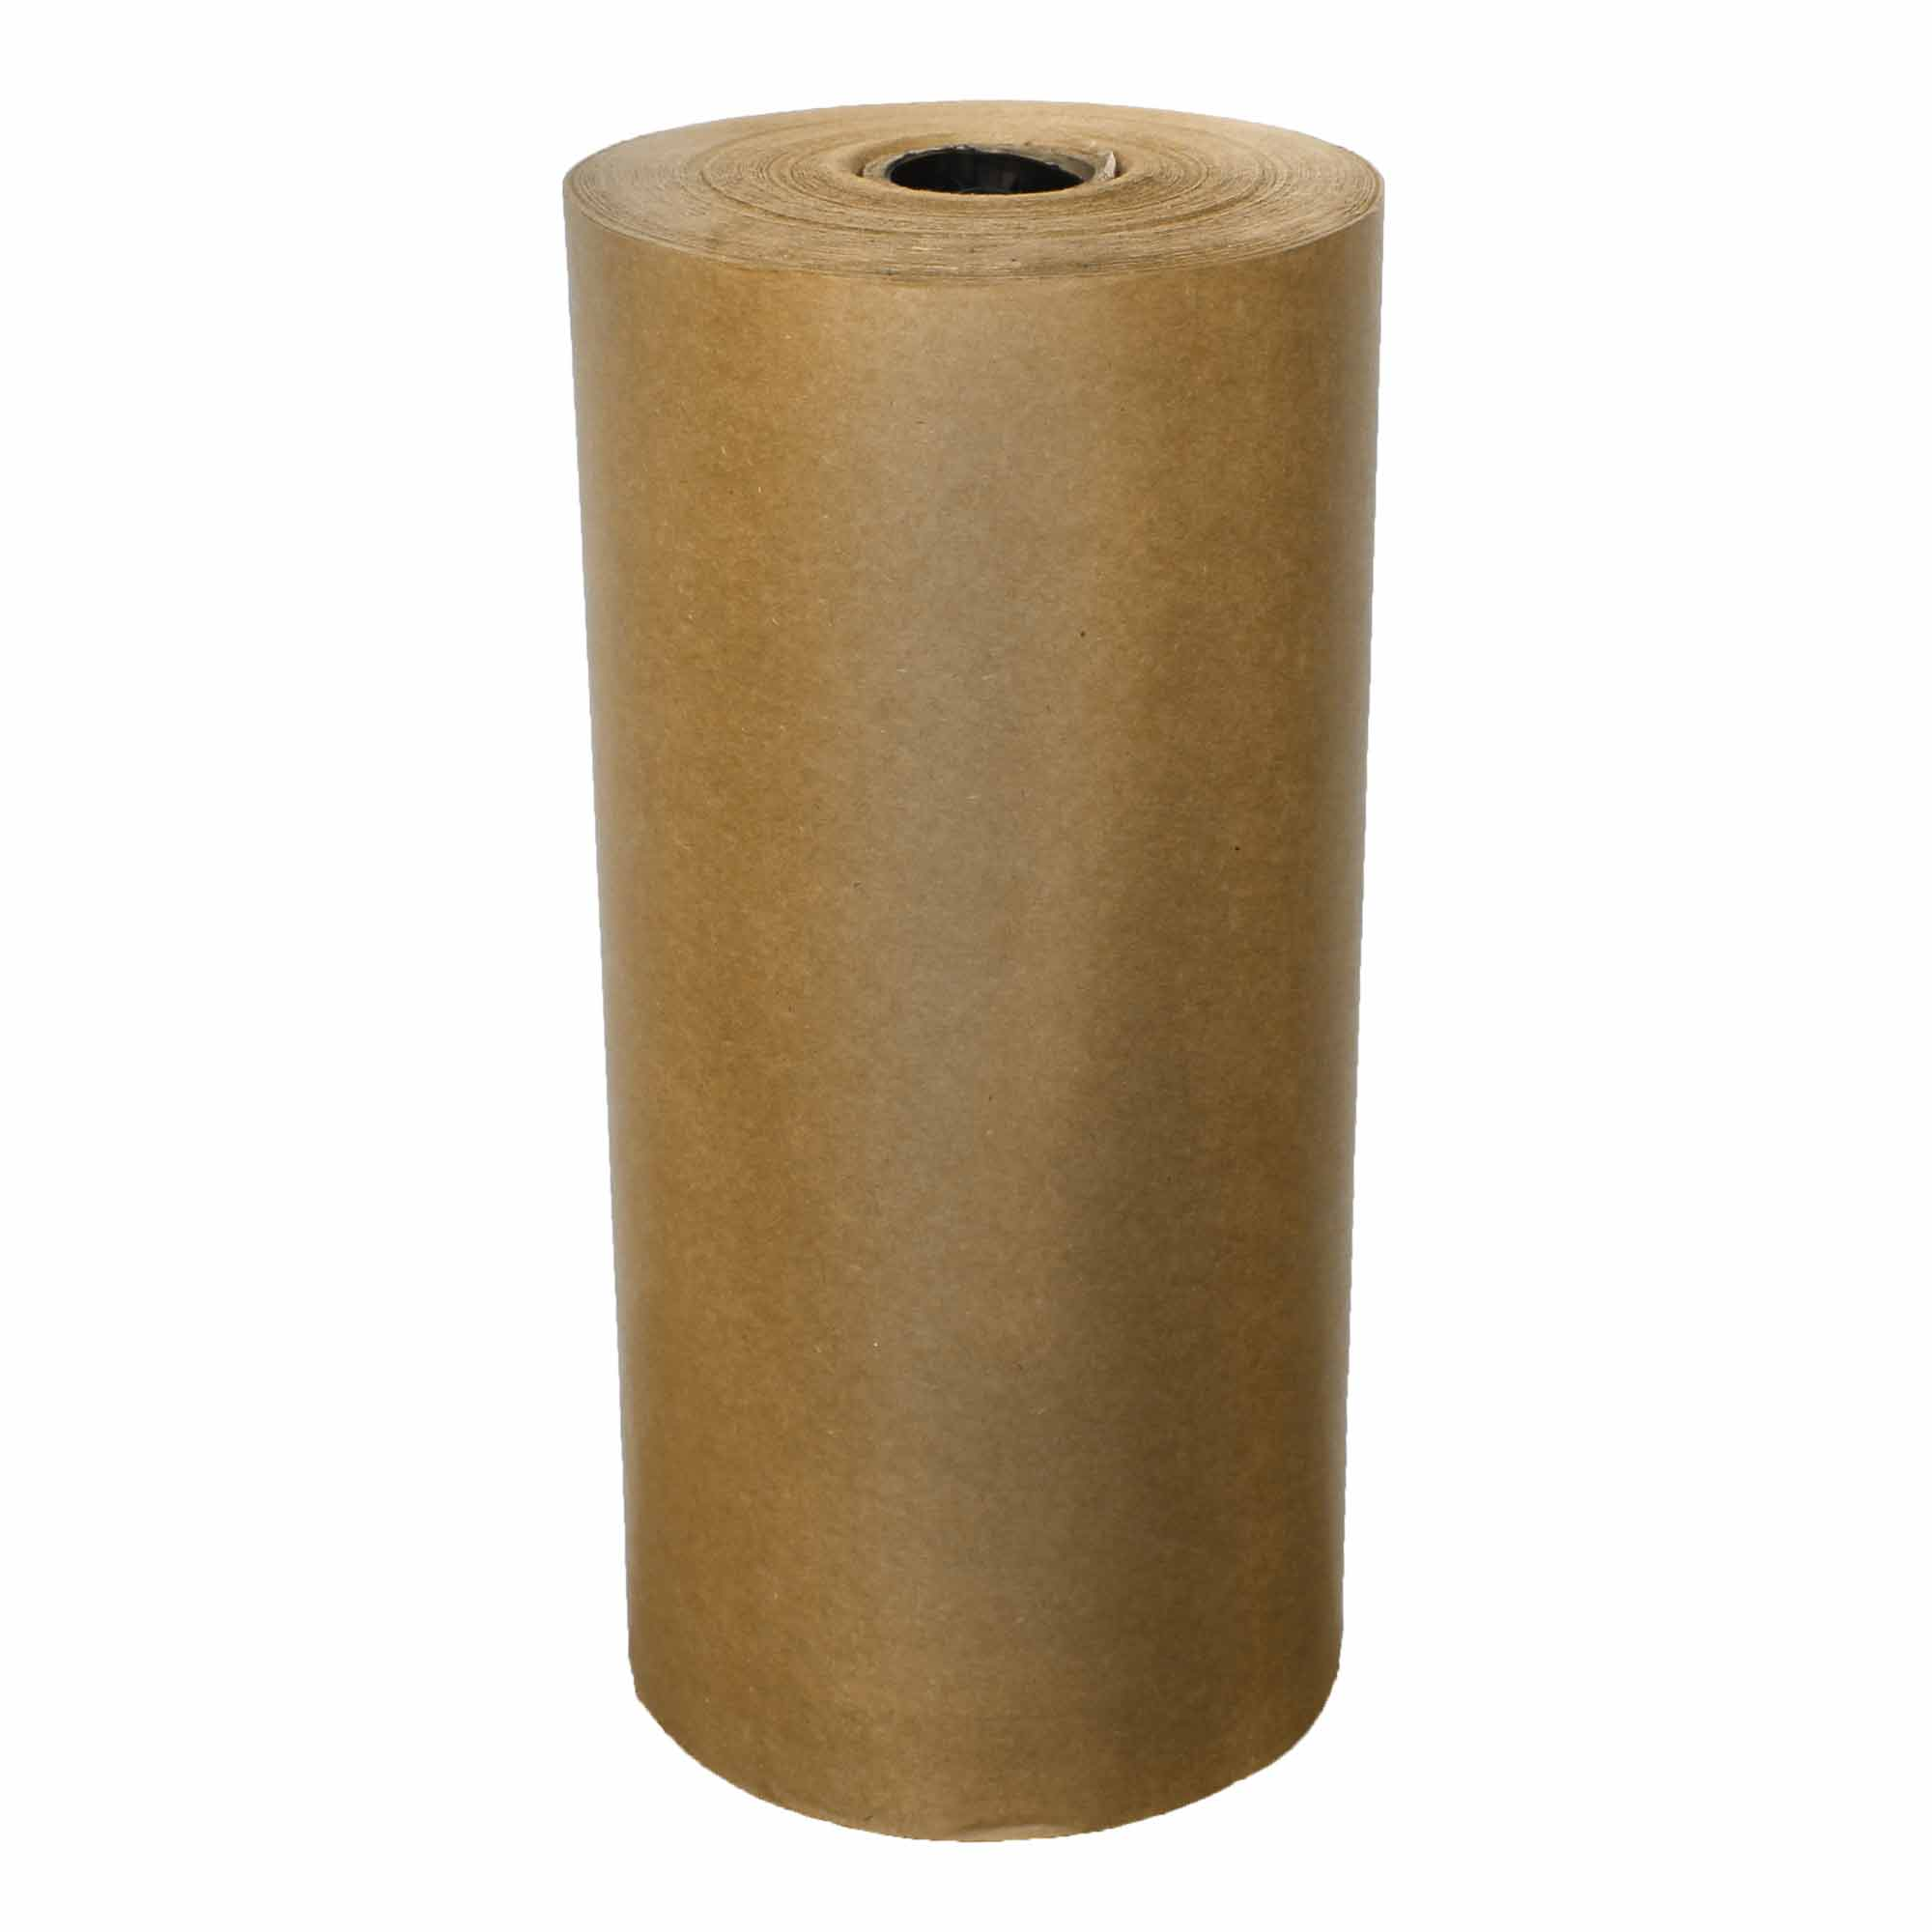 Bobina Papel Pardo Kraft Monolúcido 40cm 80G Supplypack 9KG